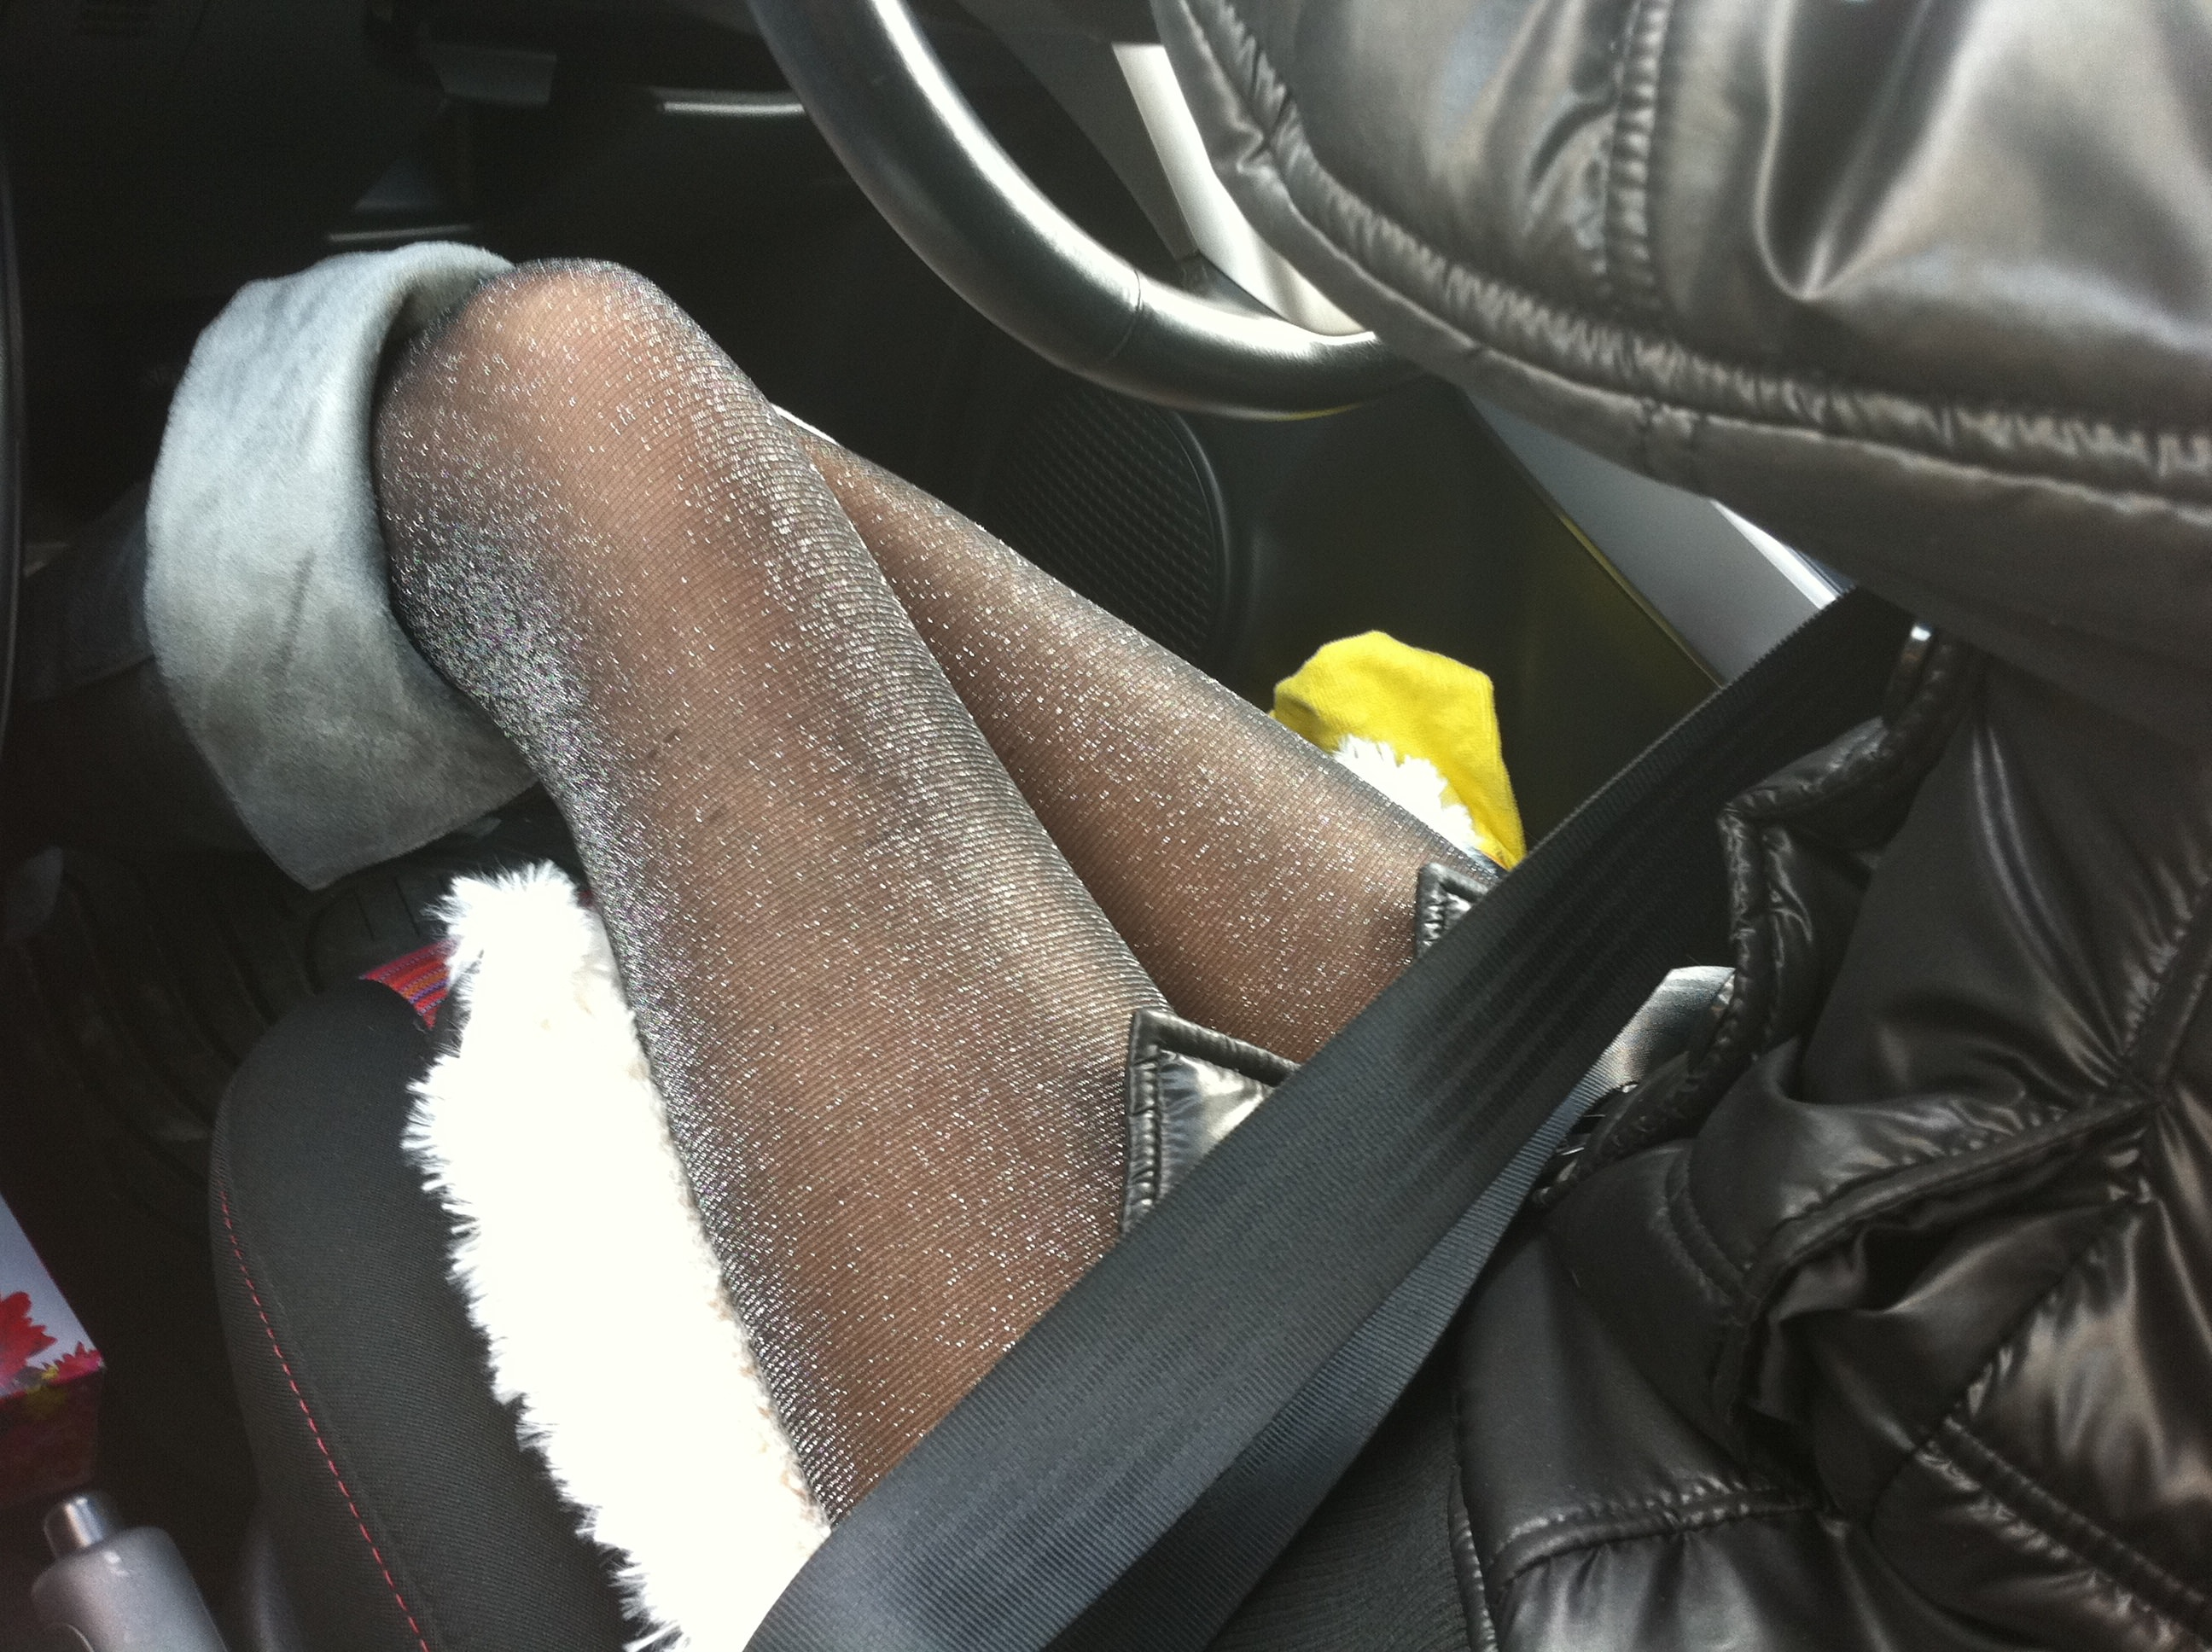 嫁の見飽きた足も運転席に座らせると何故かそそる不思議wwwパンチラ、まんちらまであるじゃんwww 1944 1